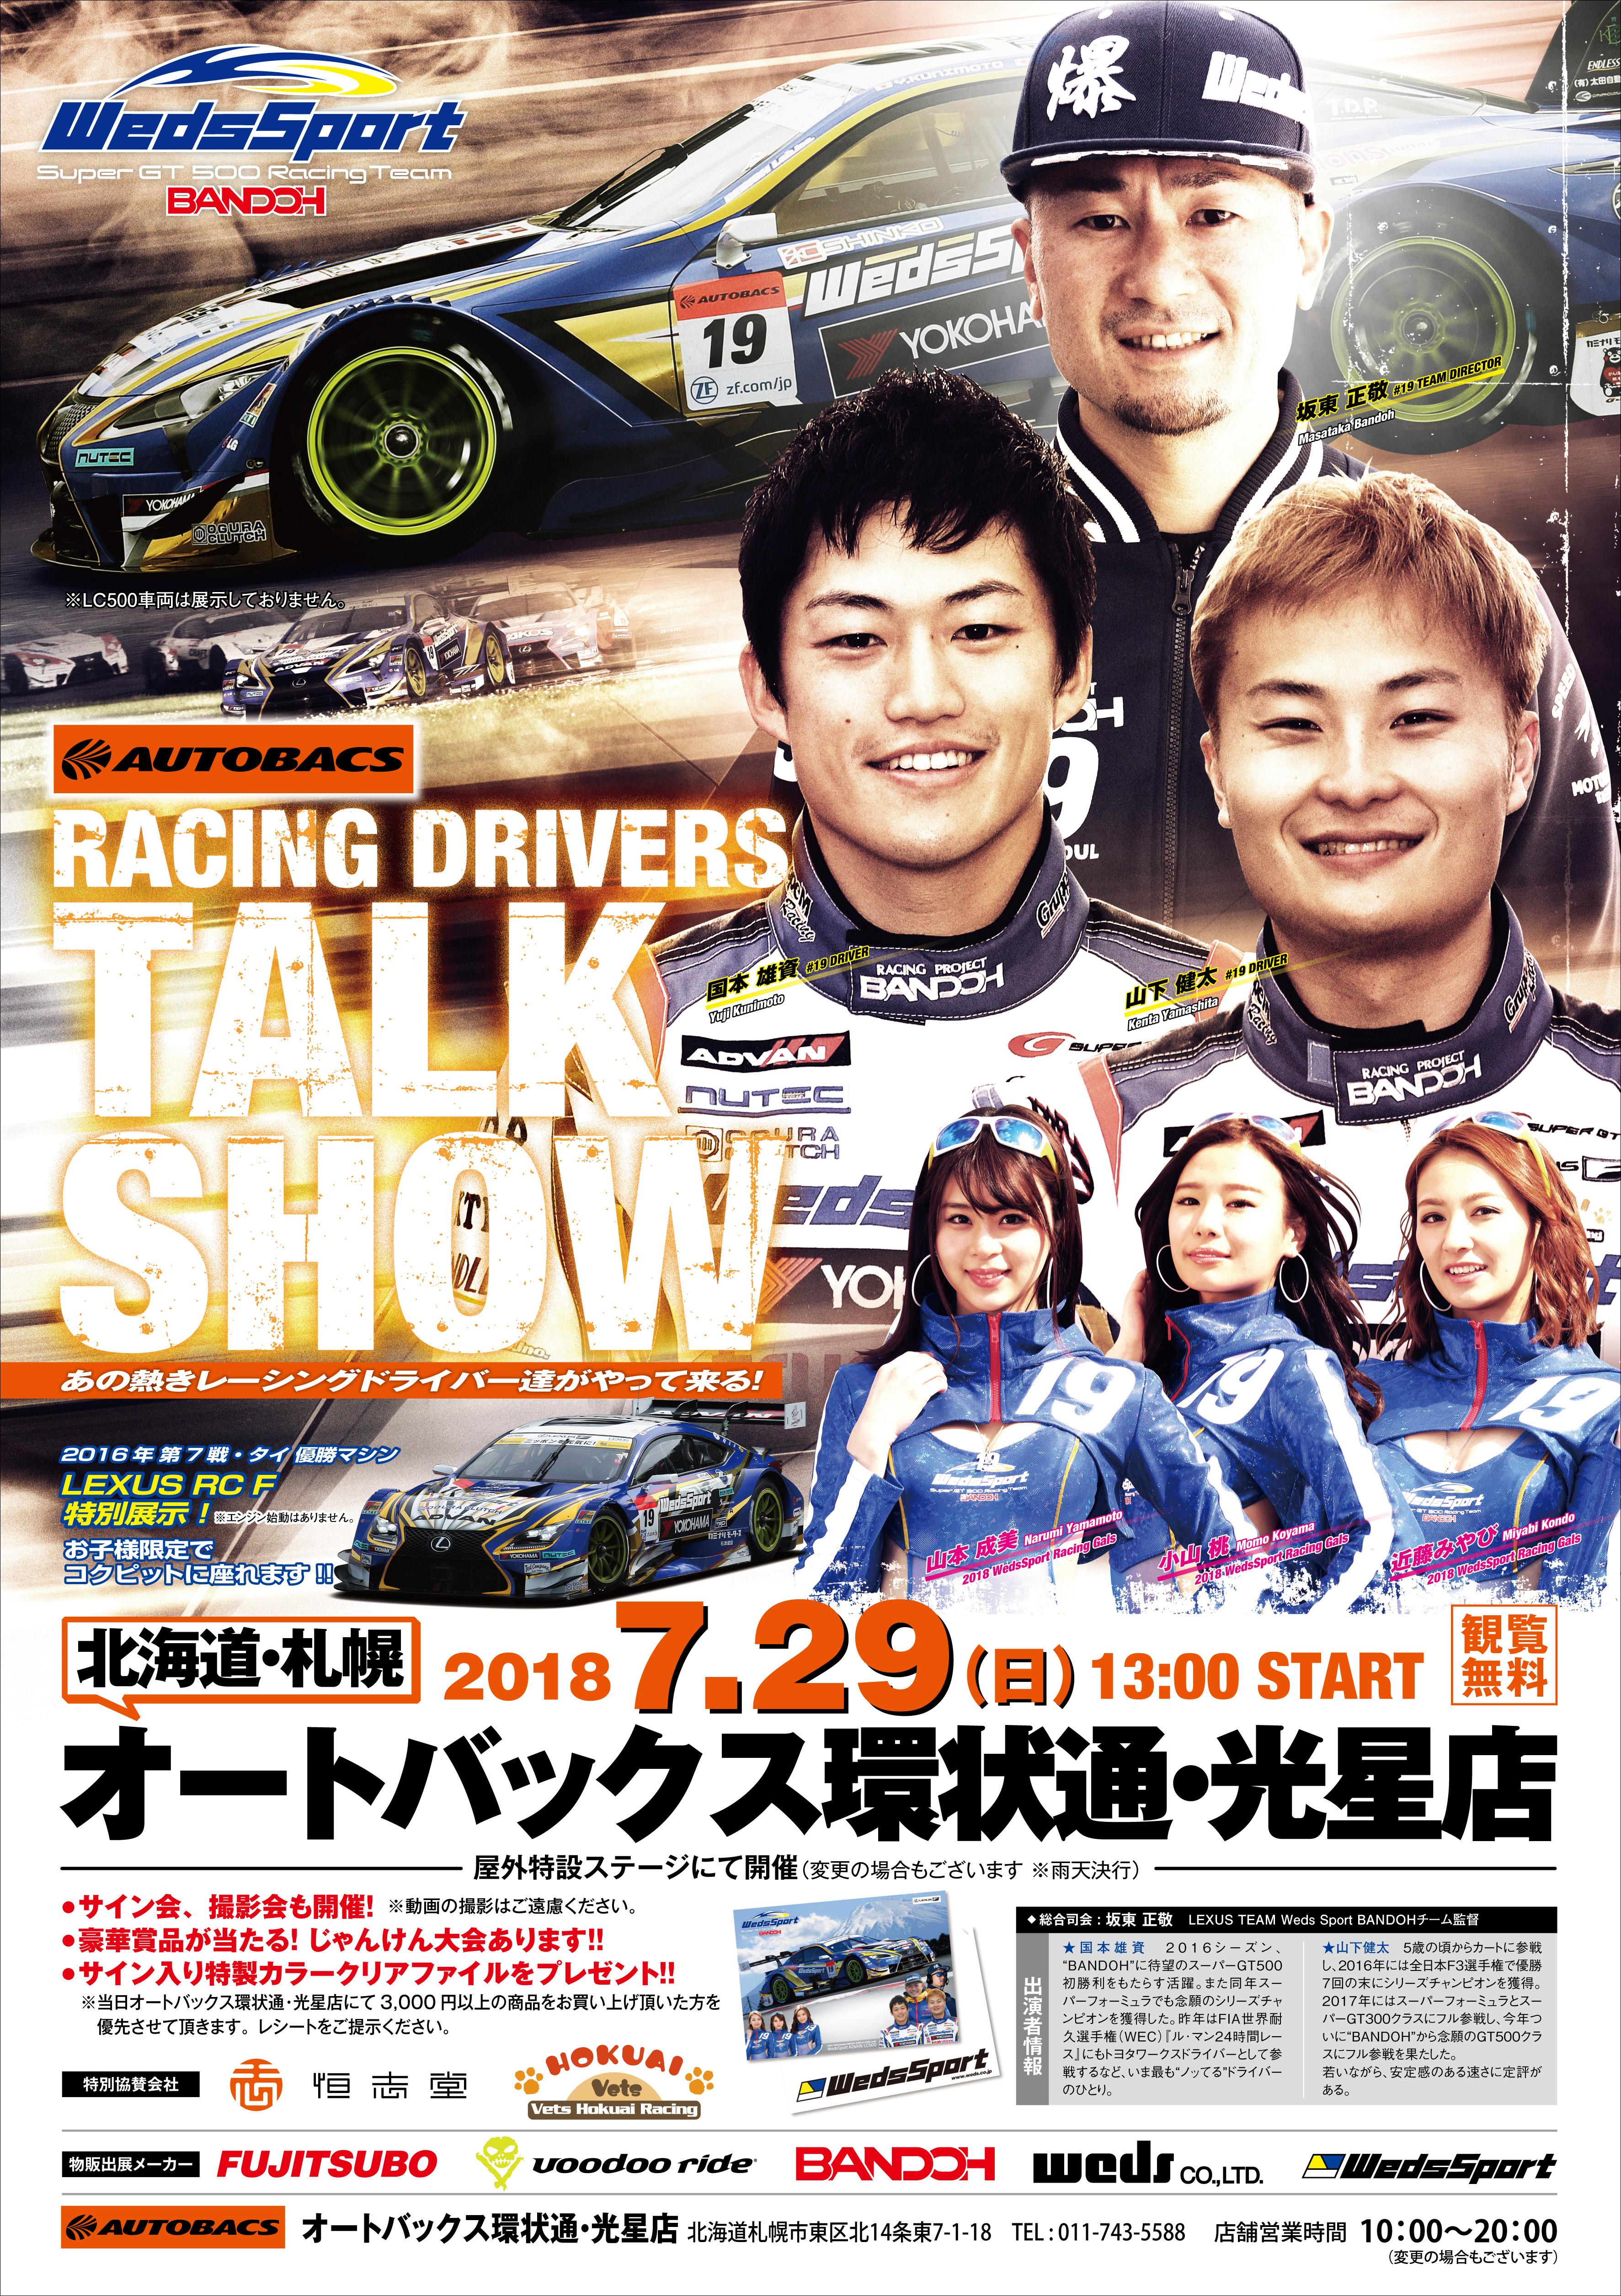 札幌にGT500マシンとドライバーがやってくる WedsSport Presents RACING DRIVER TALK SHOW in オートバックス環状通・光星店